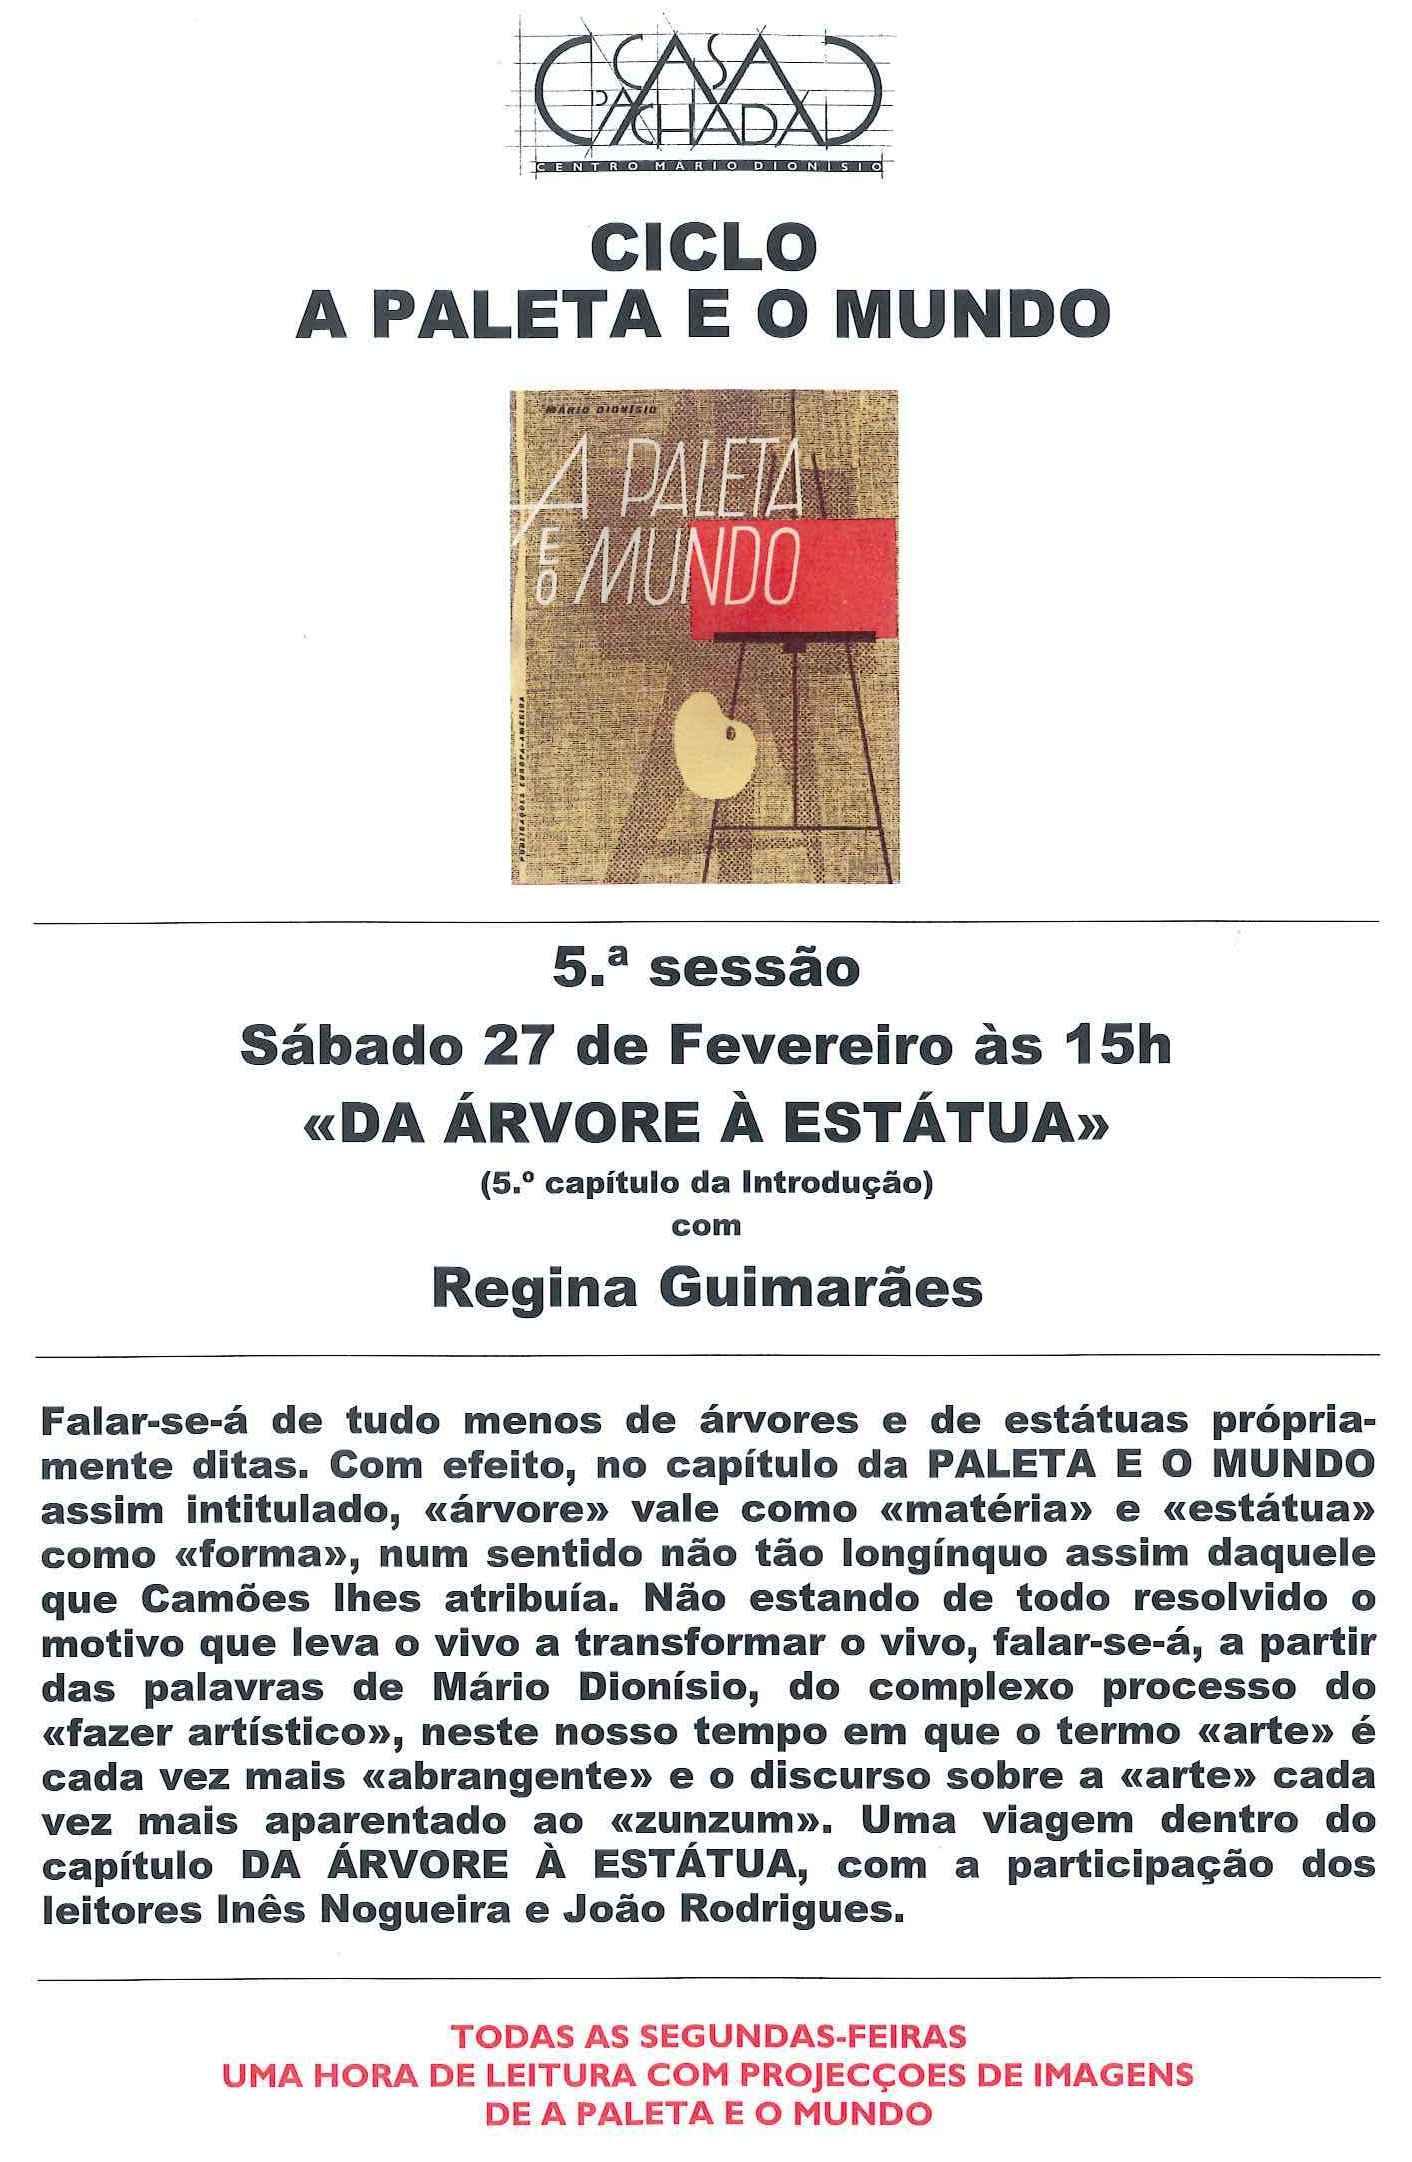 http://noticias.centromariodionisio.org/wp-content/uploads/Cartaz-RG-Paleta.jpg